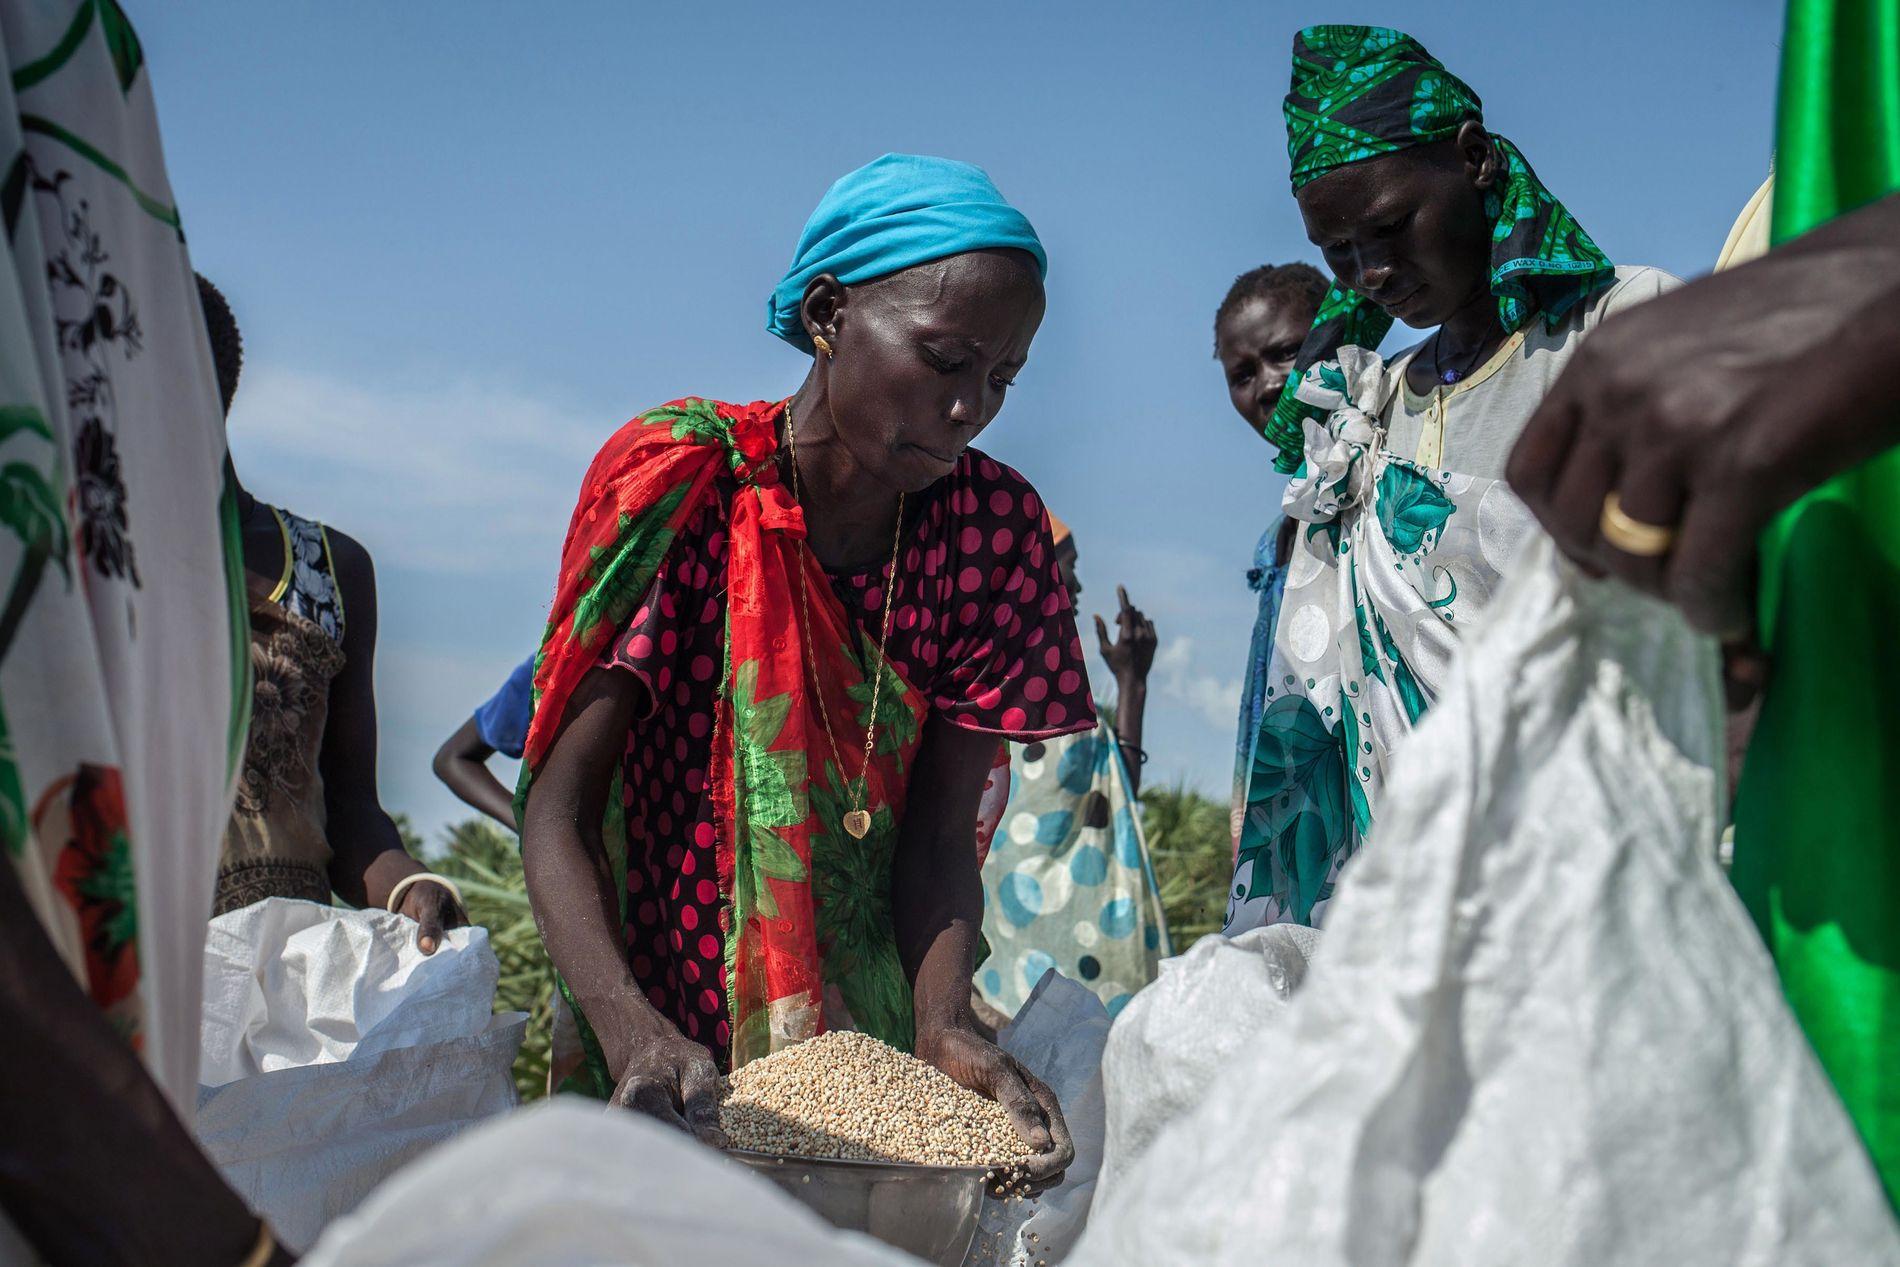 I dag er nærmere 100 millioner mennesker i verden avhengige av nødhjelp for å overleve, skriver organisasjonene.  Her henter en kvinne mat fra et flydropp med mat i regi av Røde Kors i Sudan. Bildet er fra 2014.